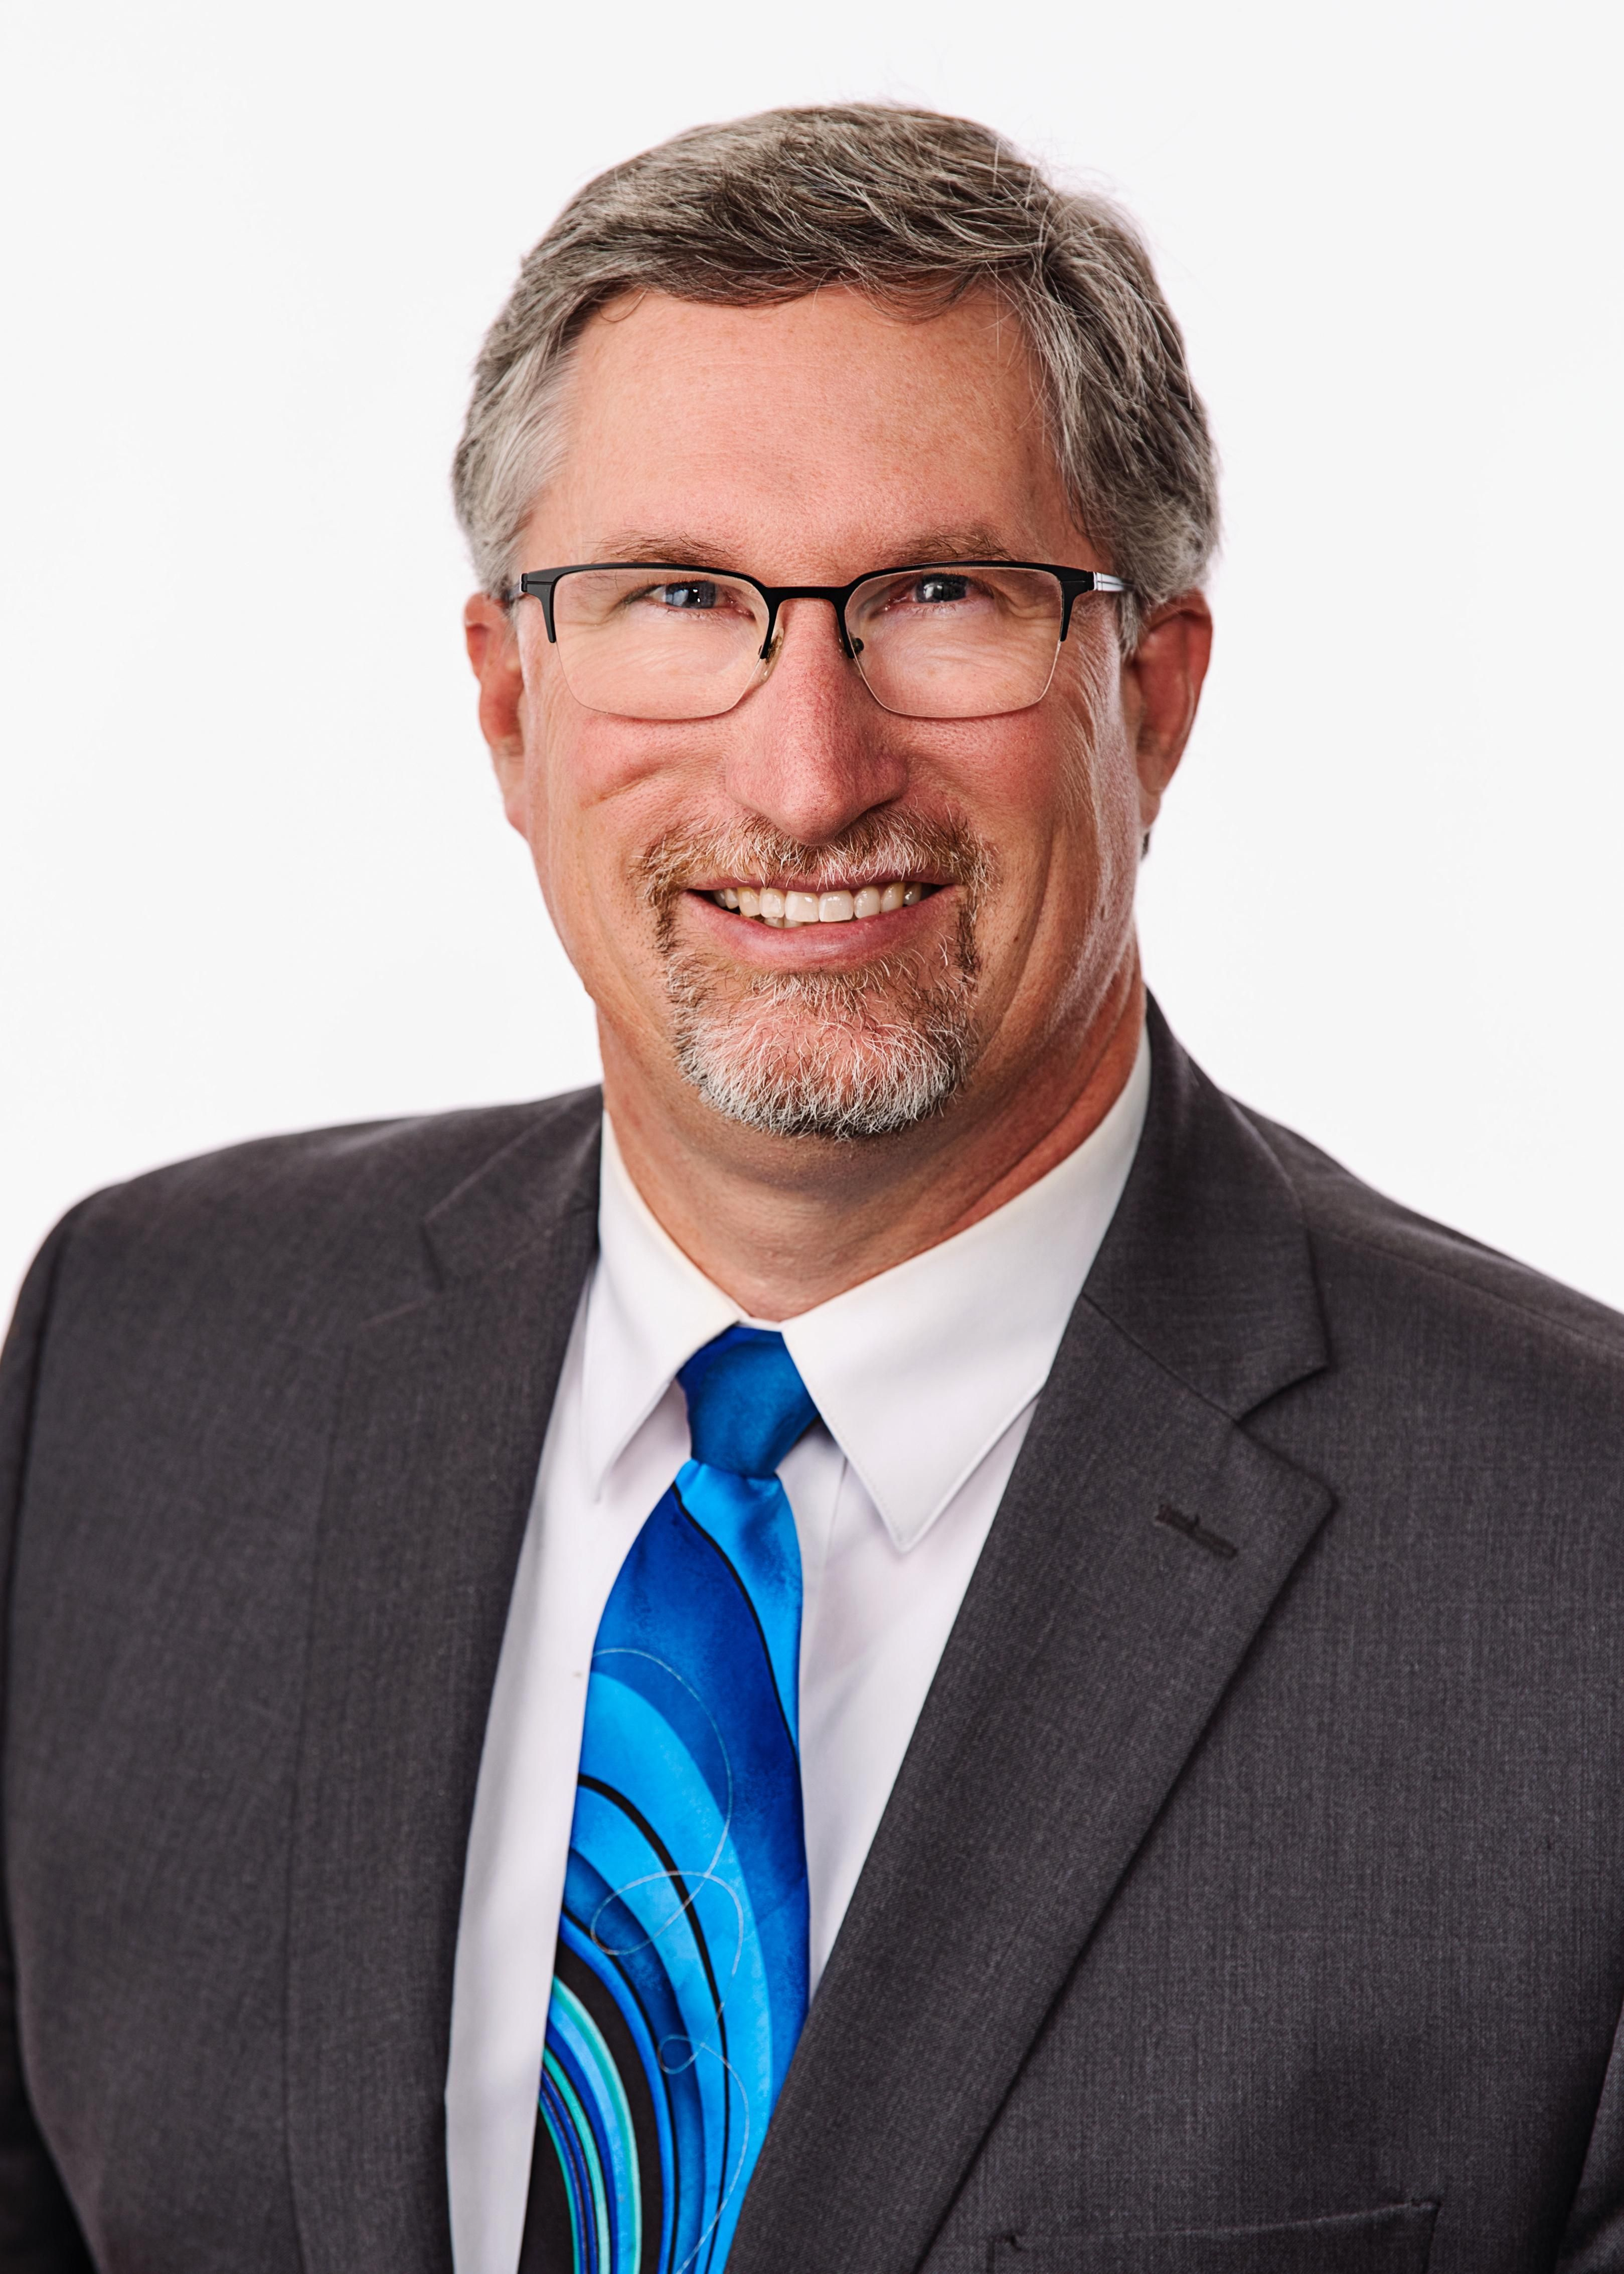 Doug Jaeger